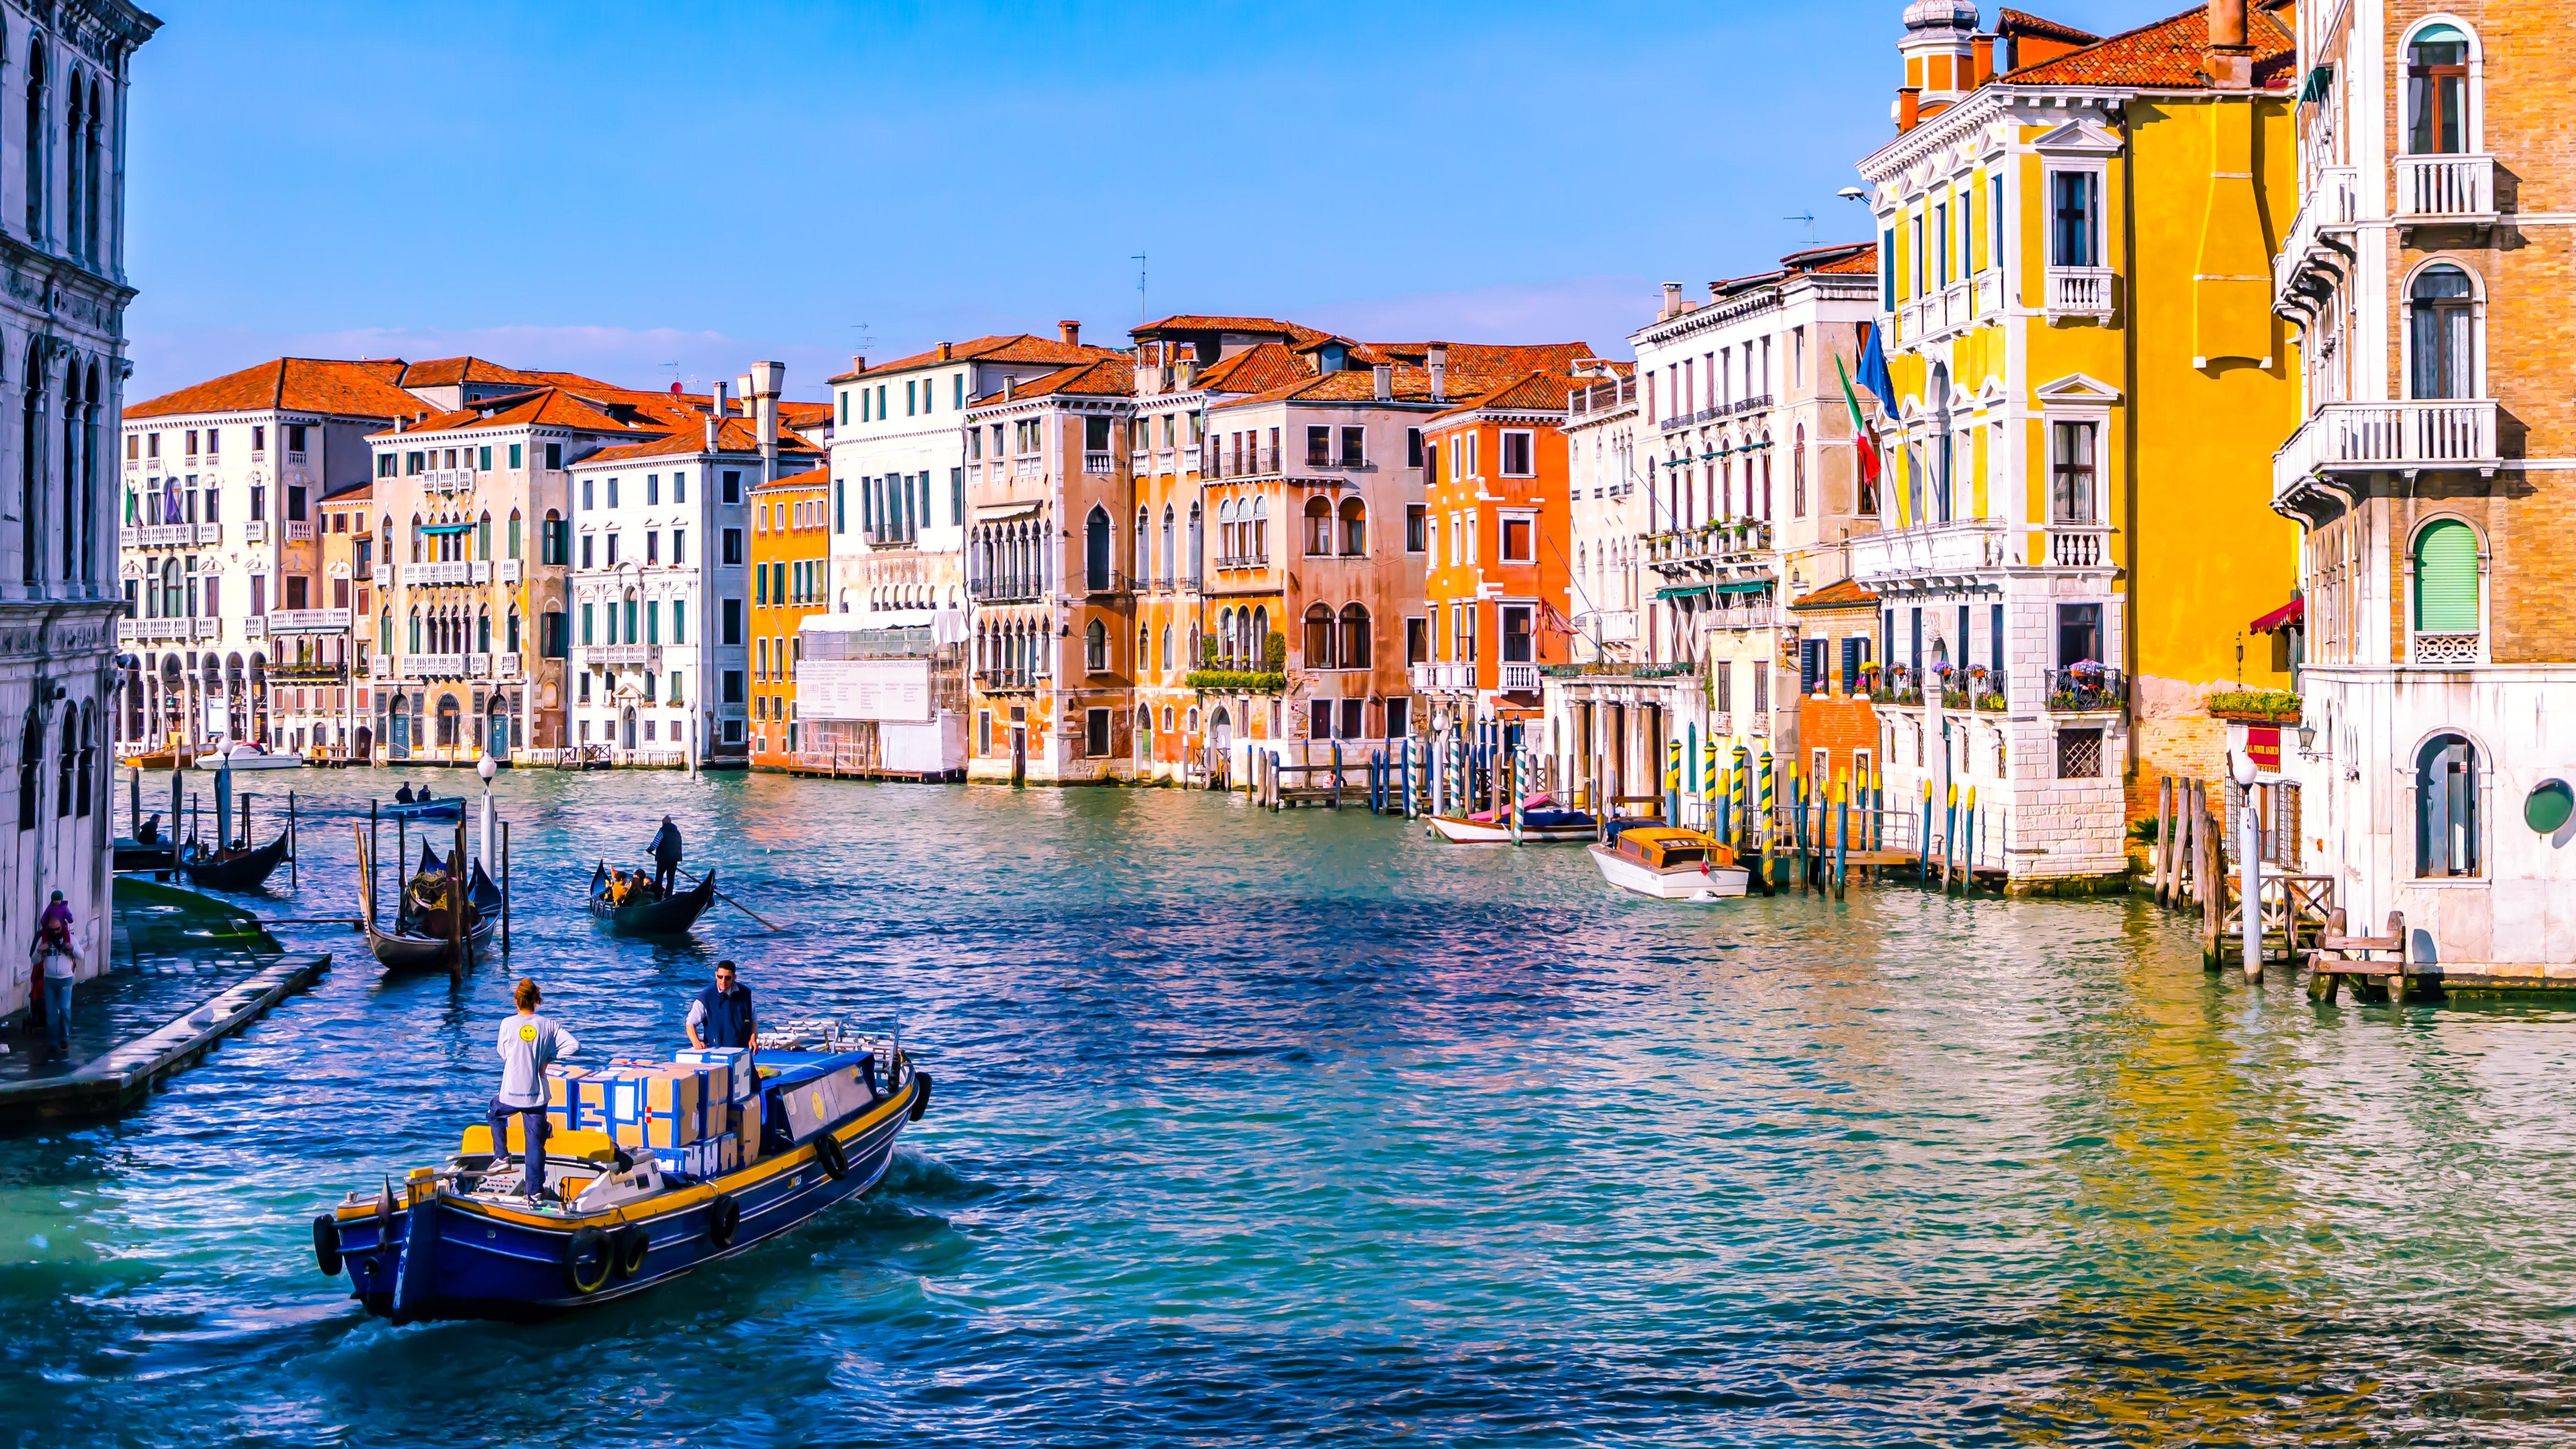 Venice in November events